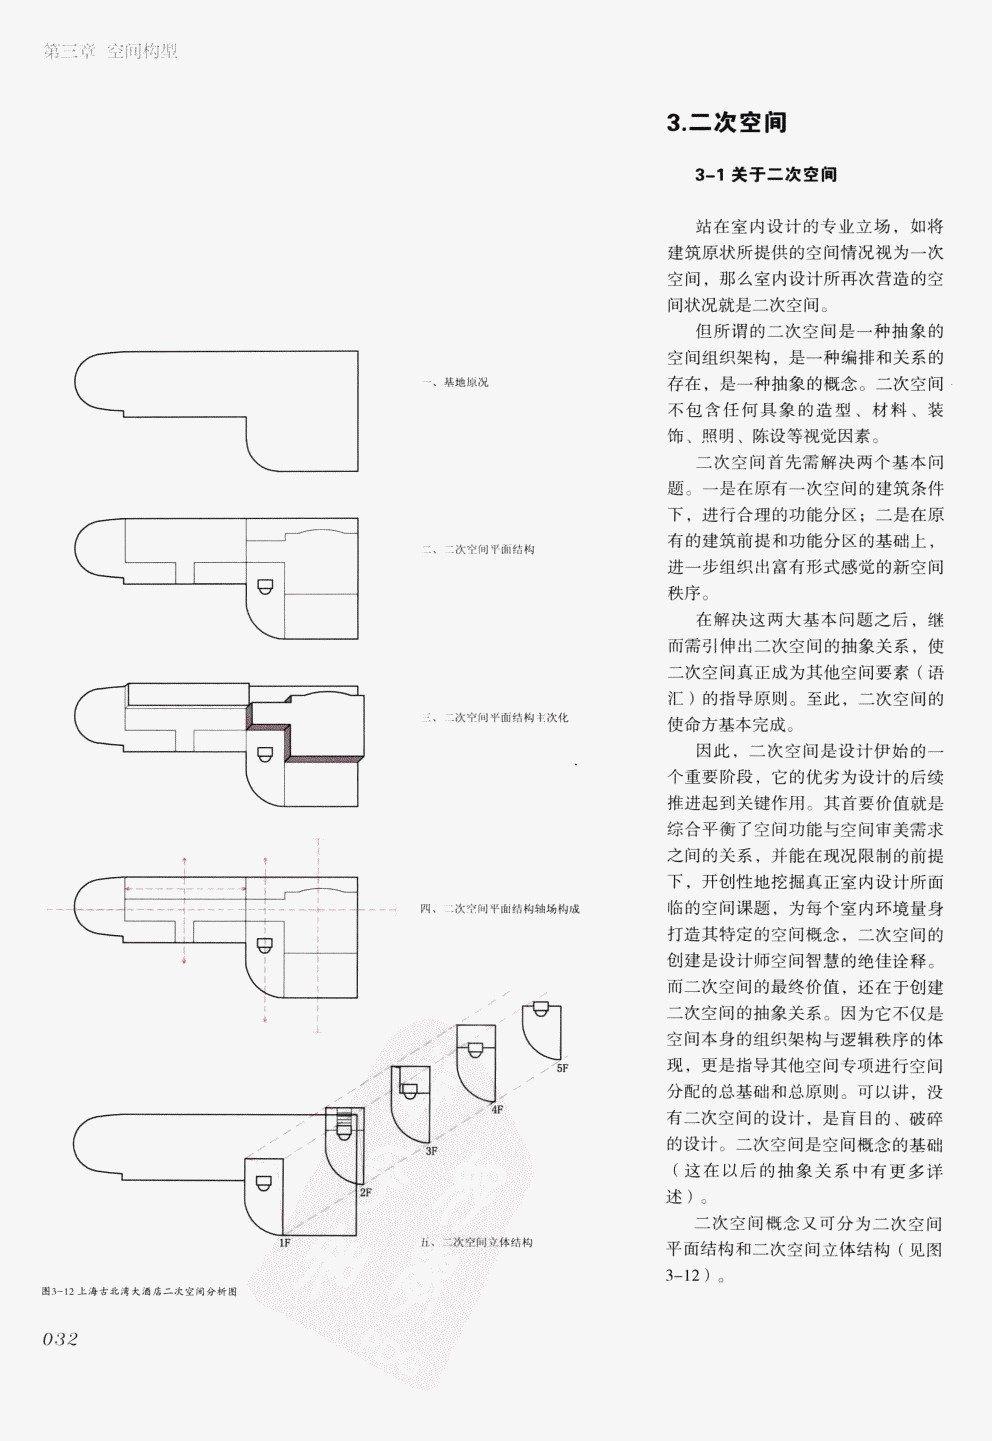 室内设计纲要++概念思考与过程表达_室内设计纲要  概念思考与过程表达_1297982..._页面_040.jpg